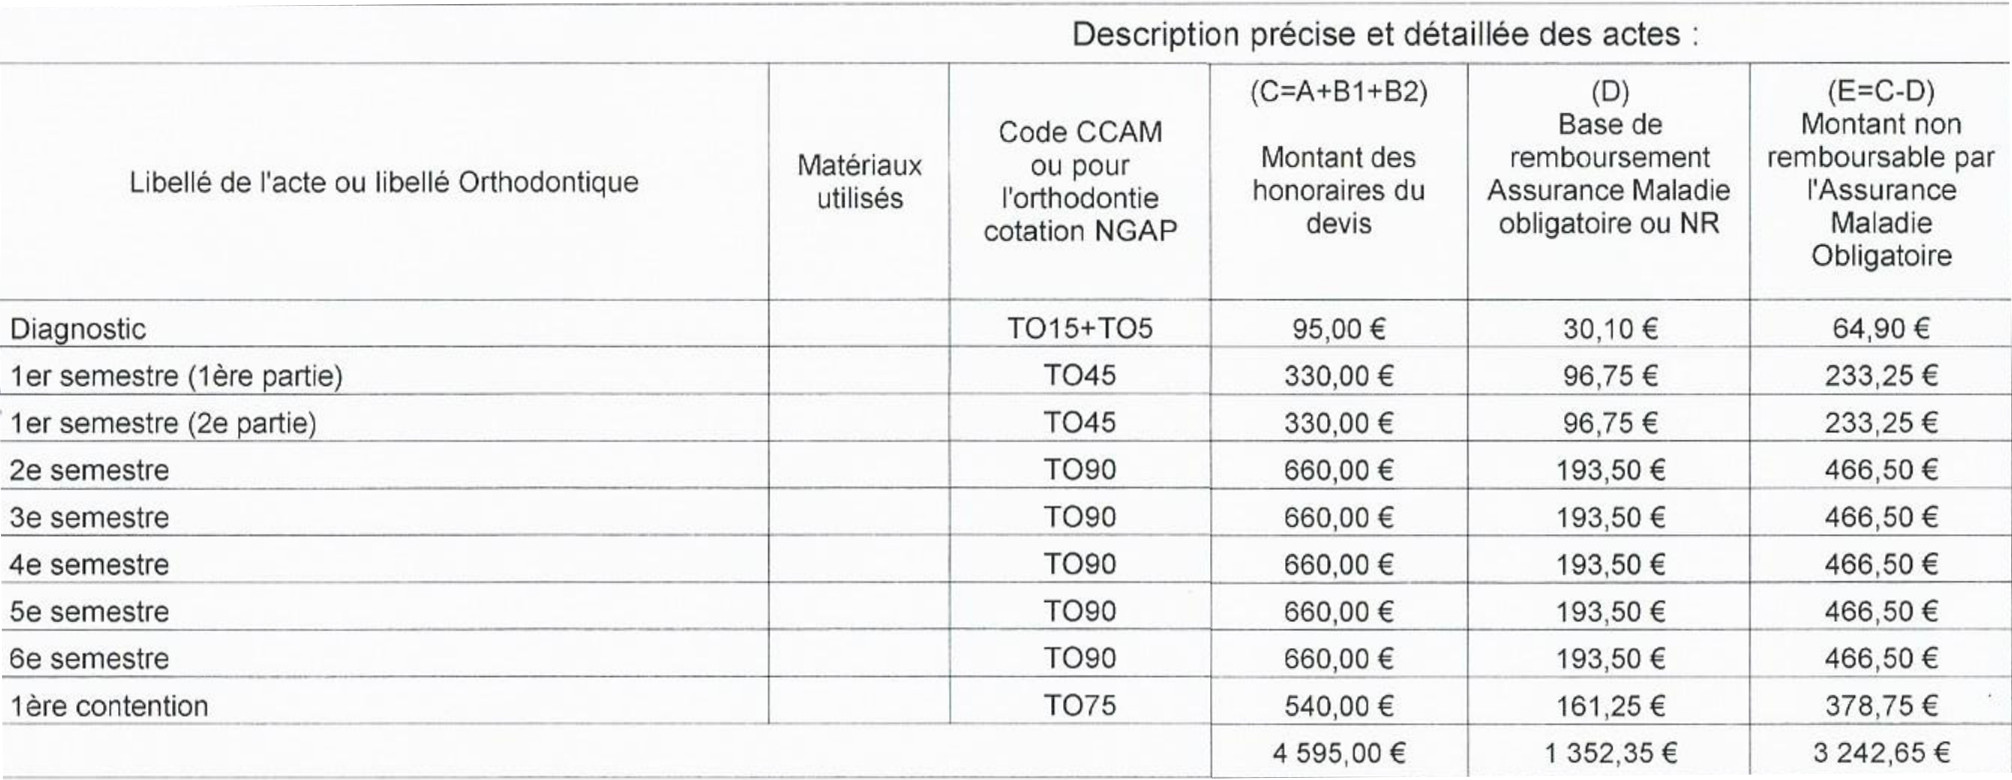 Exemple concret de devis et de remboursement de mutuelle santé 32510cf90630